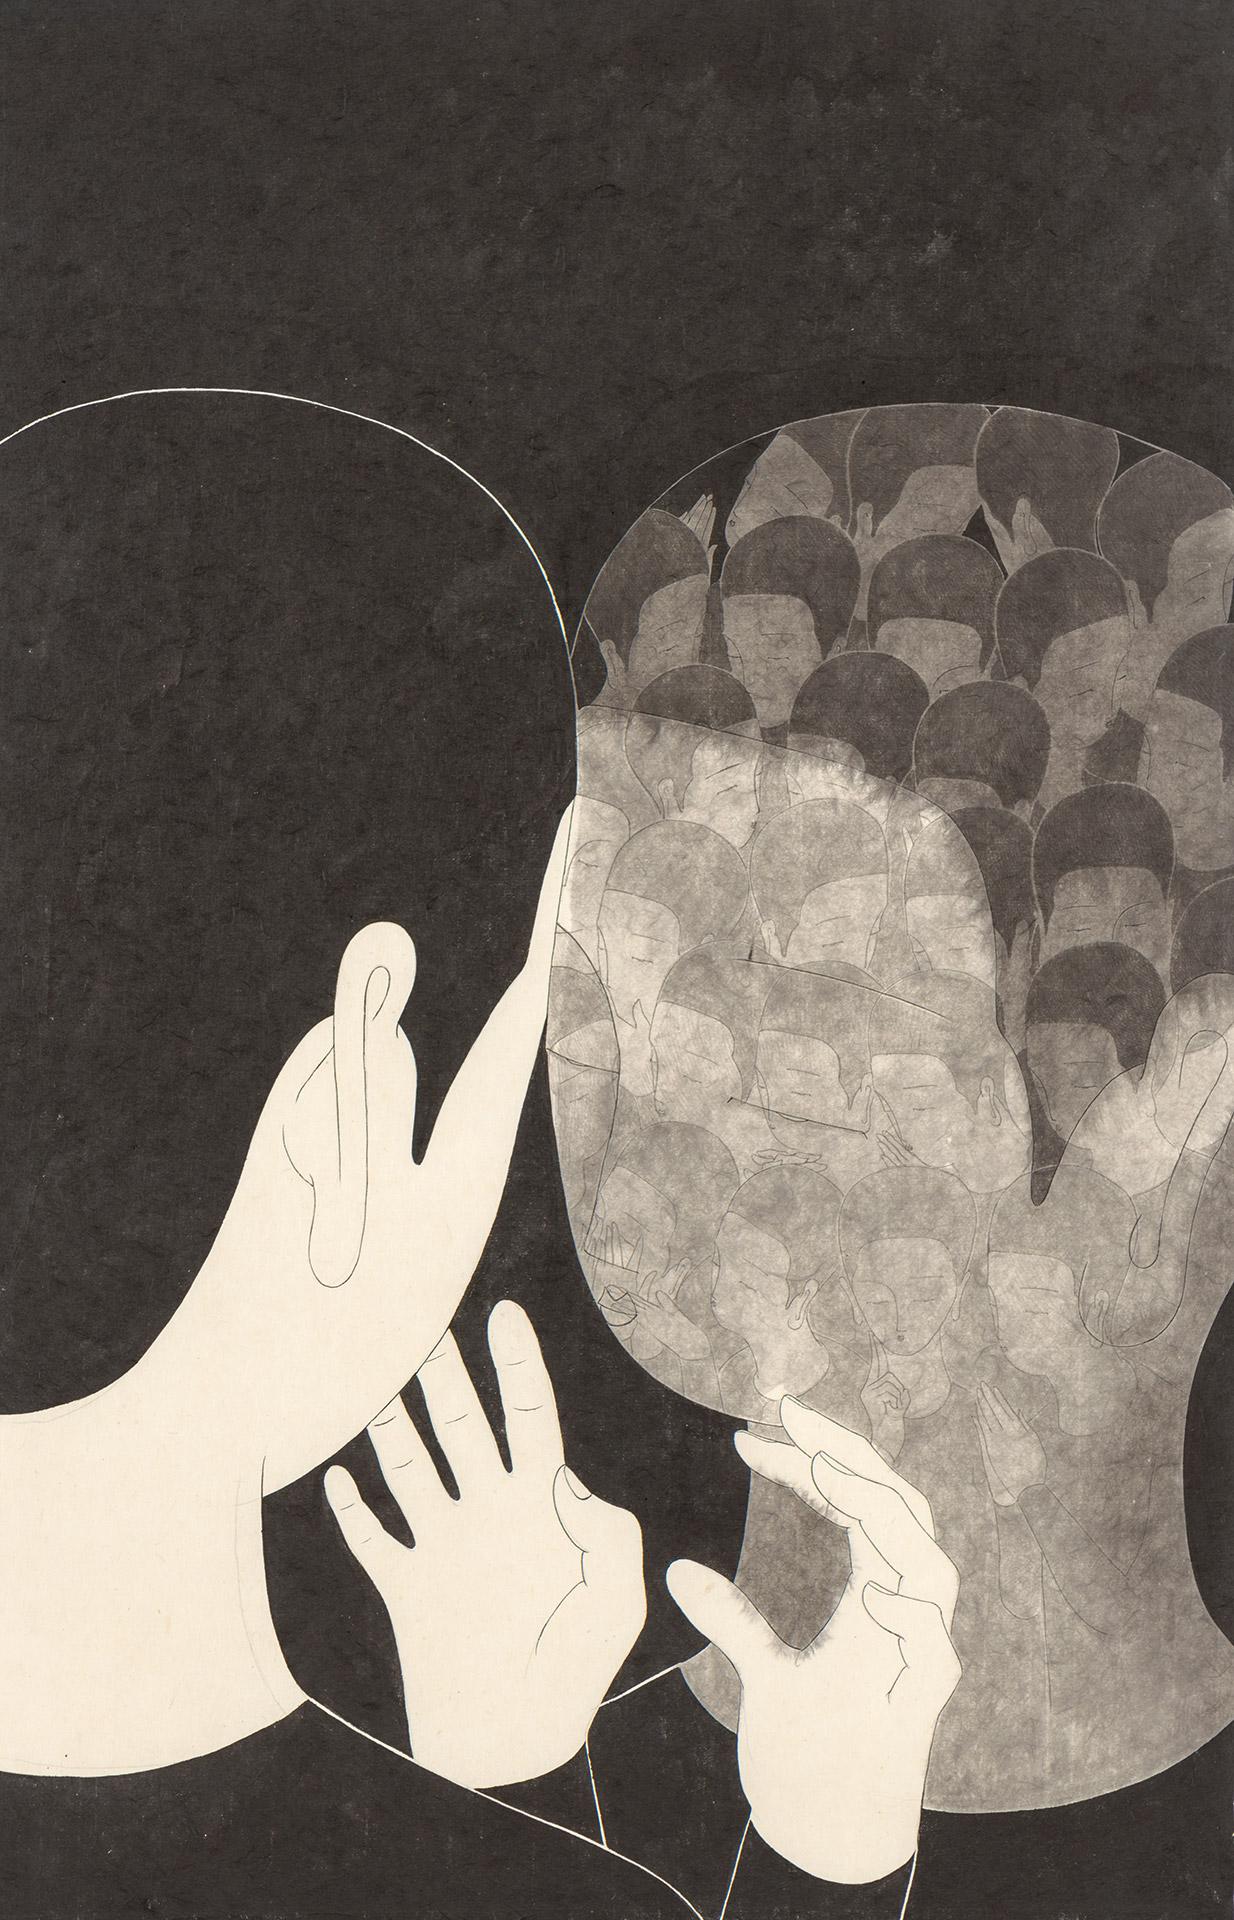 너들과 나  /  Yoooooou and me   Op. 0208P -48 x 72 cm,Korean ink on Korean paper, 2018